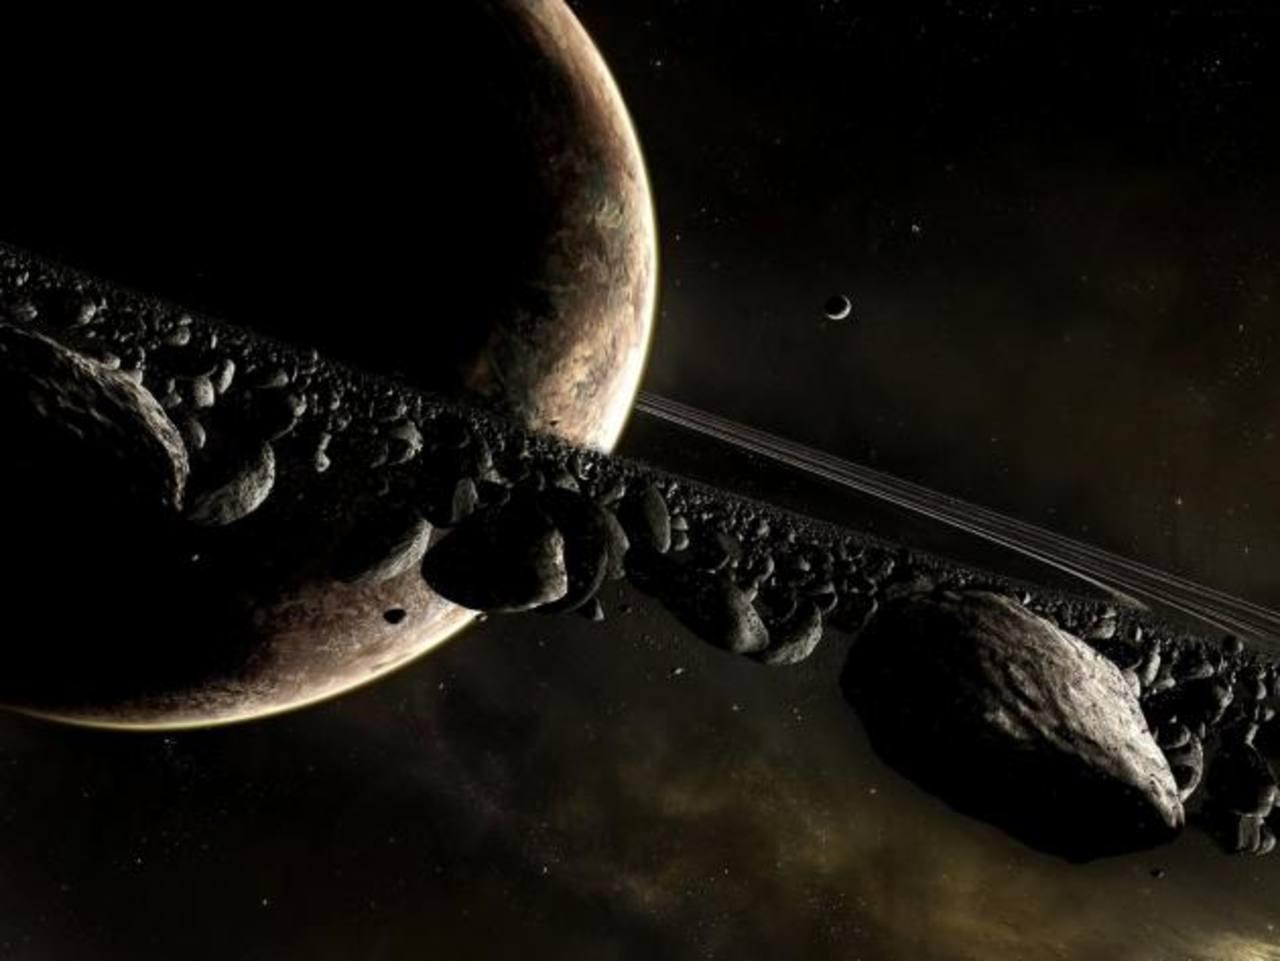 Qué-planeta-tiene-anillos-11